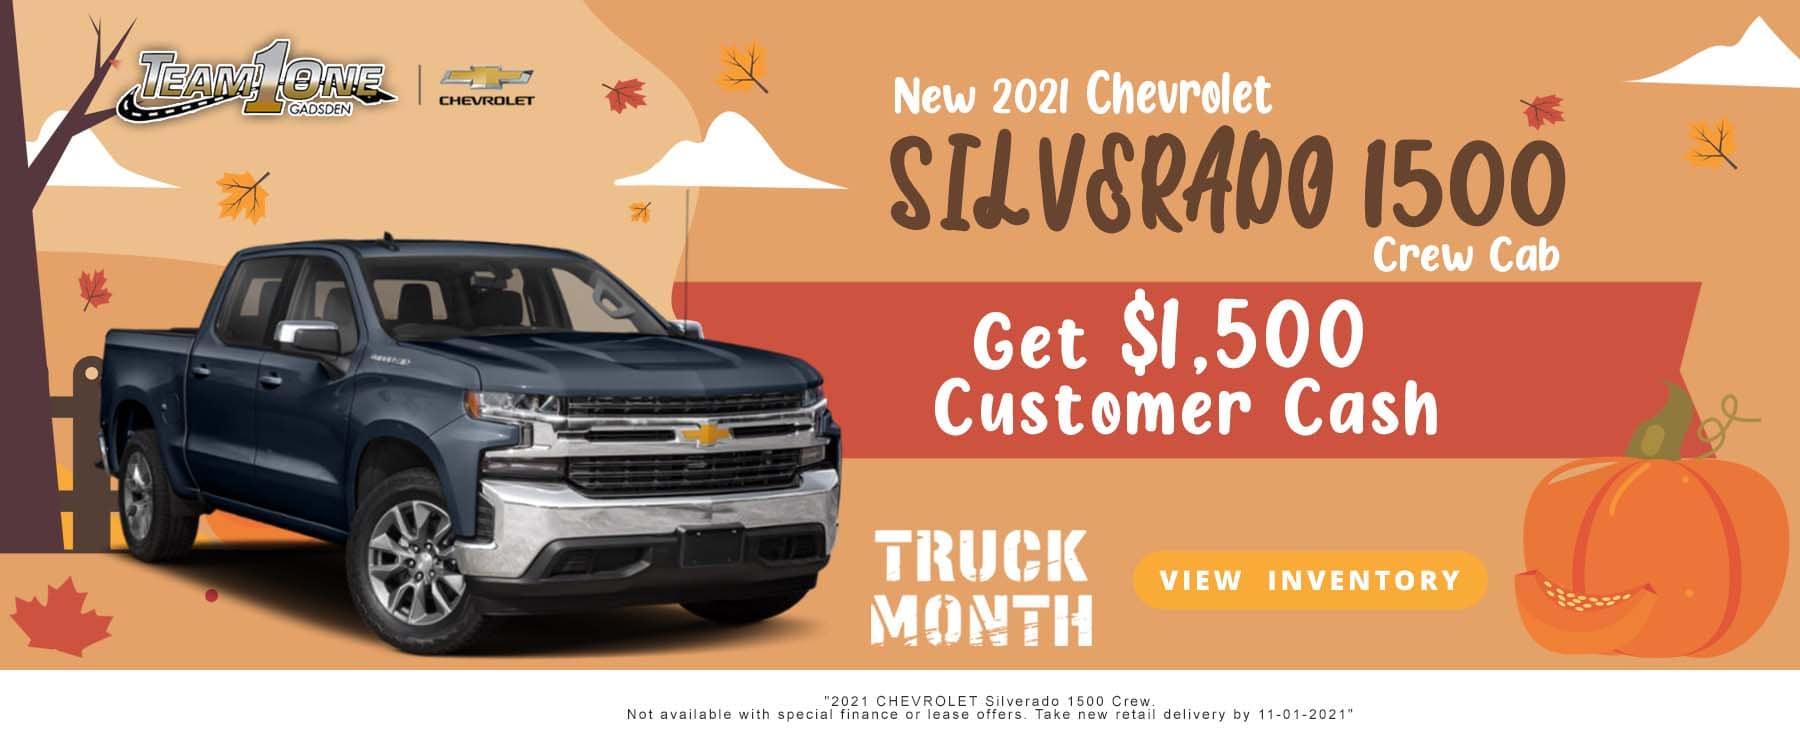 CHGW10153-Silverado